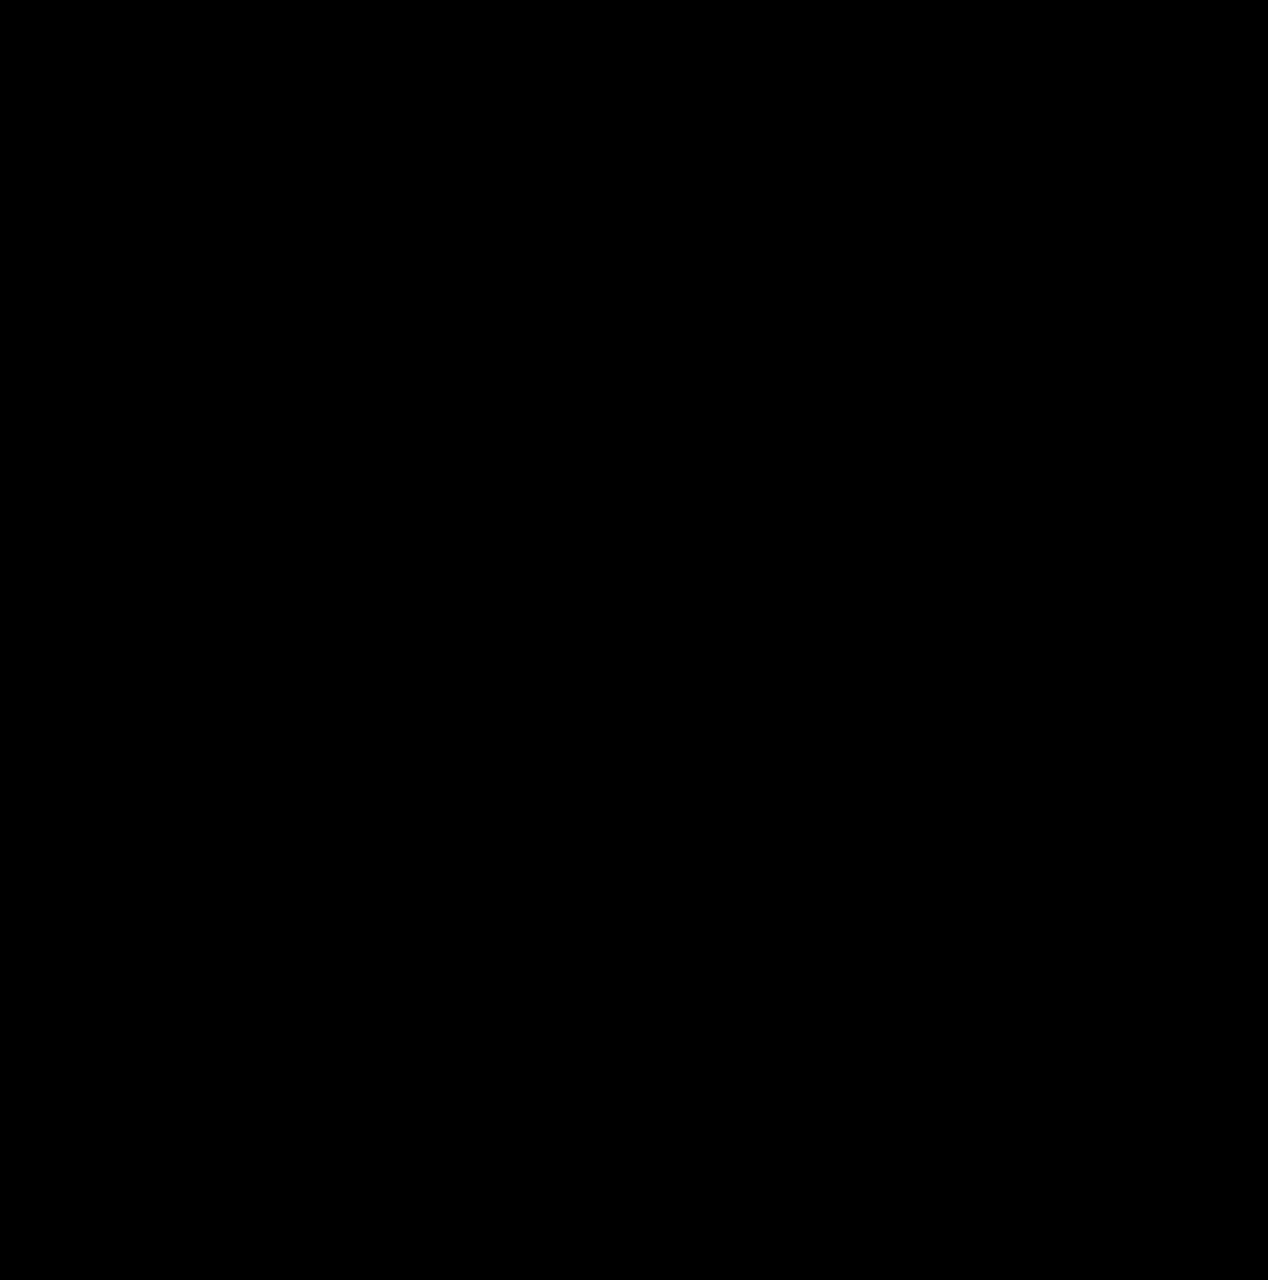 Рисунок музыканта с инструментом, лет